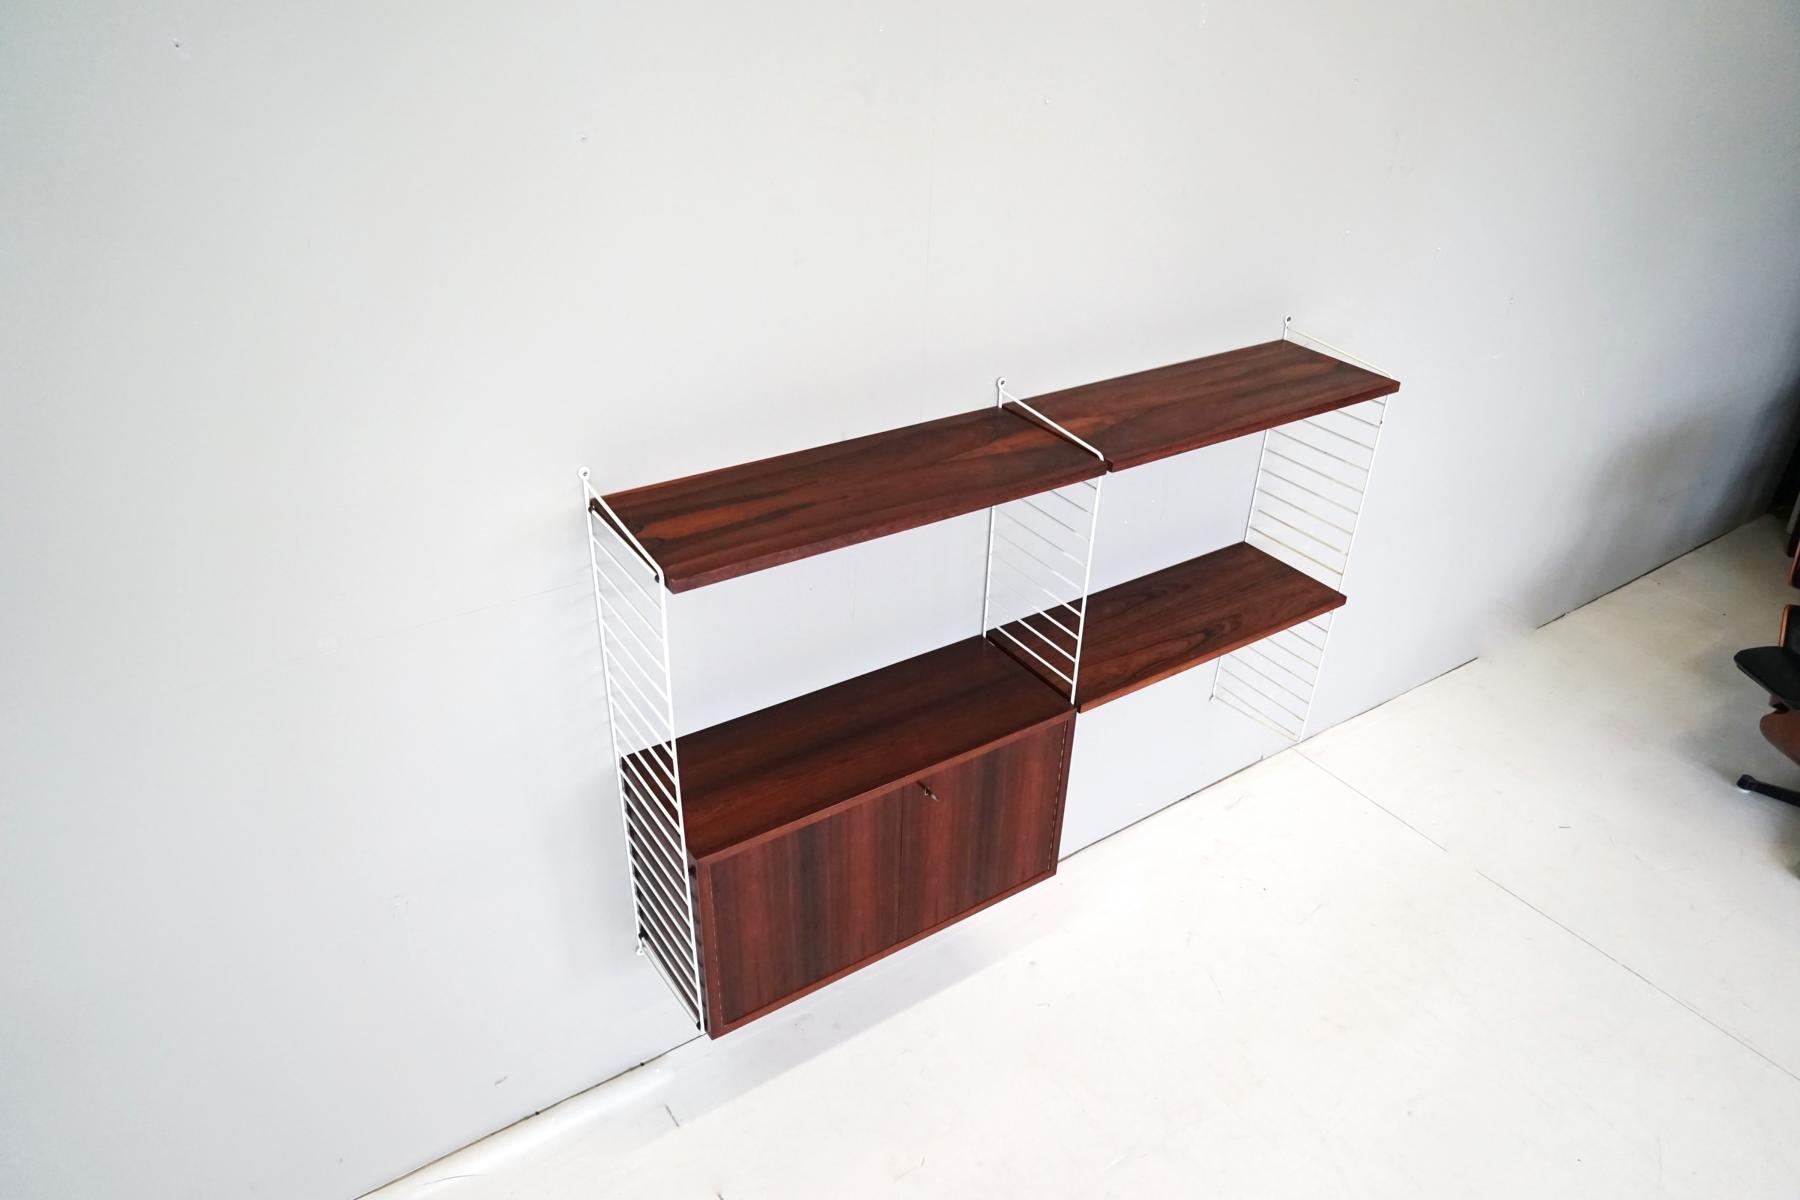 Design String Kasten : Palisander regal von kajsa nils strinning für string er bei